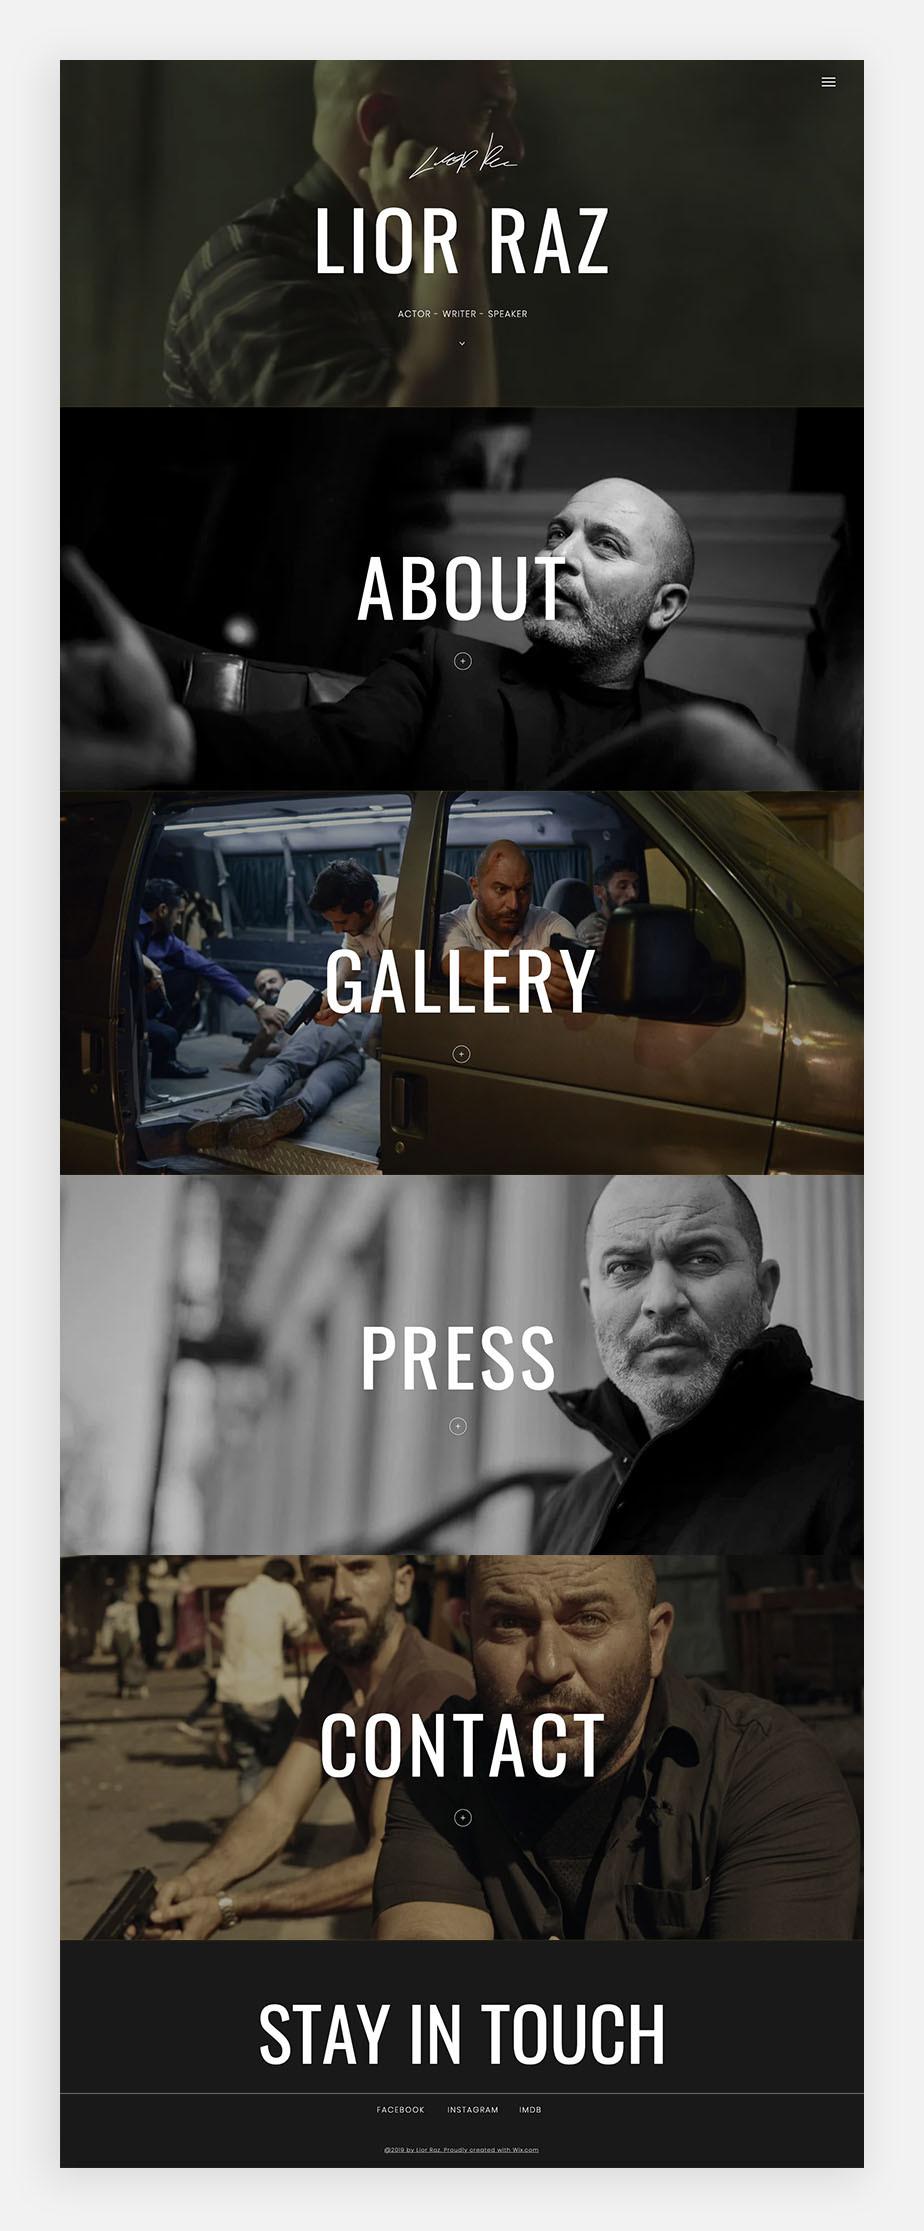 이스라엘 배우 리오 라즈의 원페이지 웹사이트 이미지